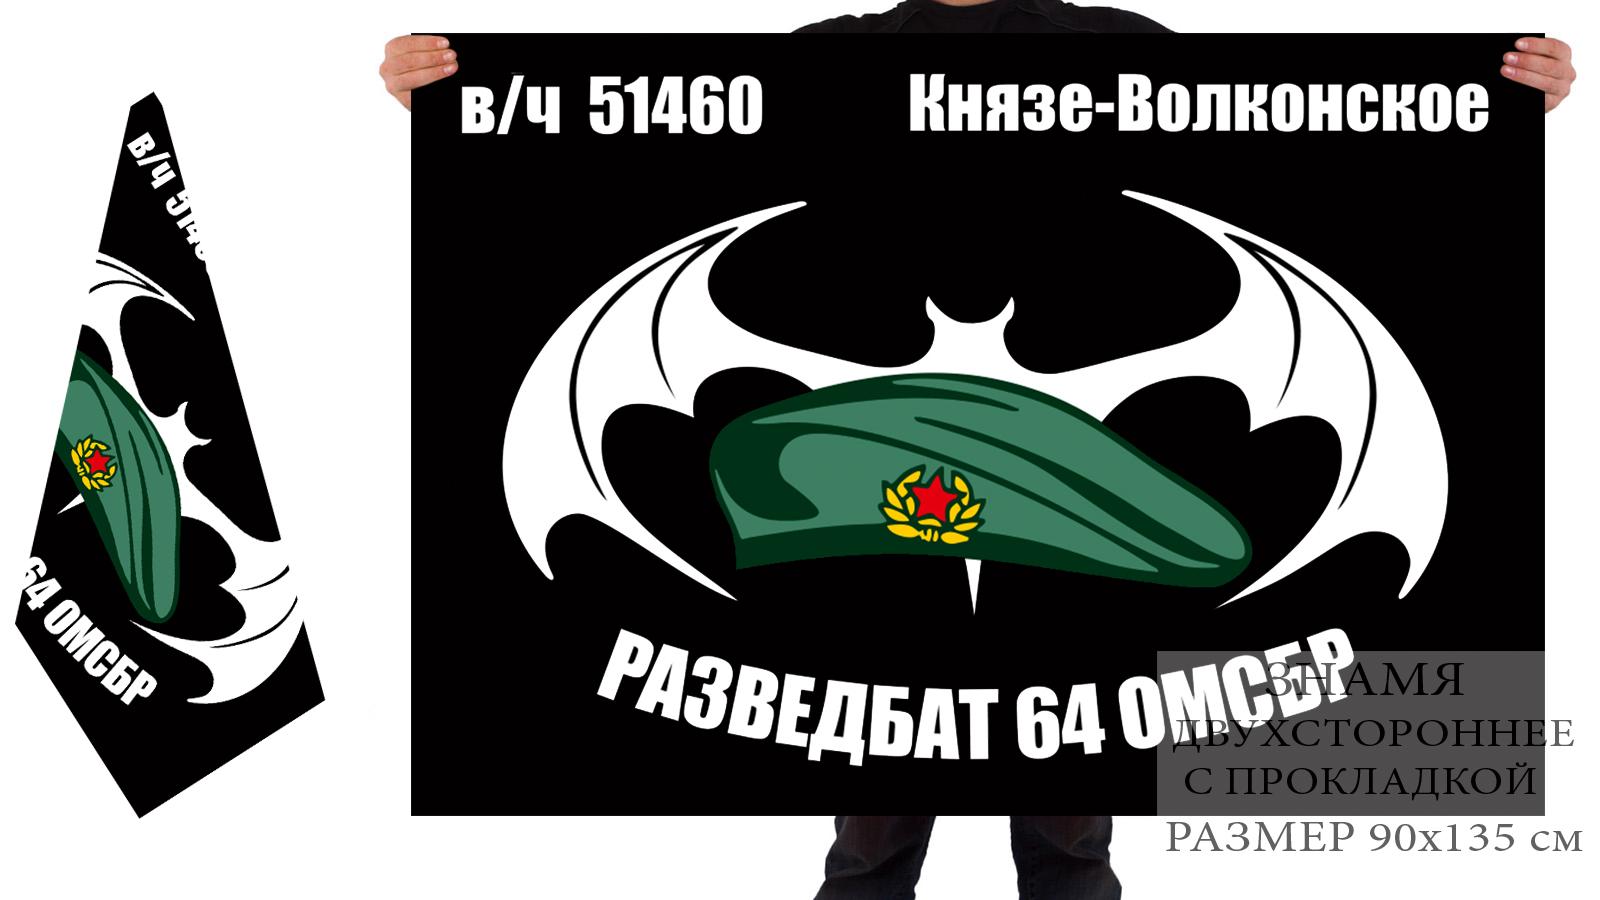 Двусторонний флаг Разведбата 64 ОМСБр